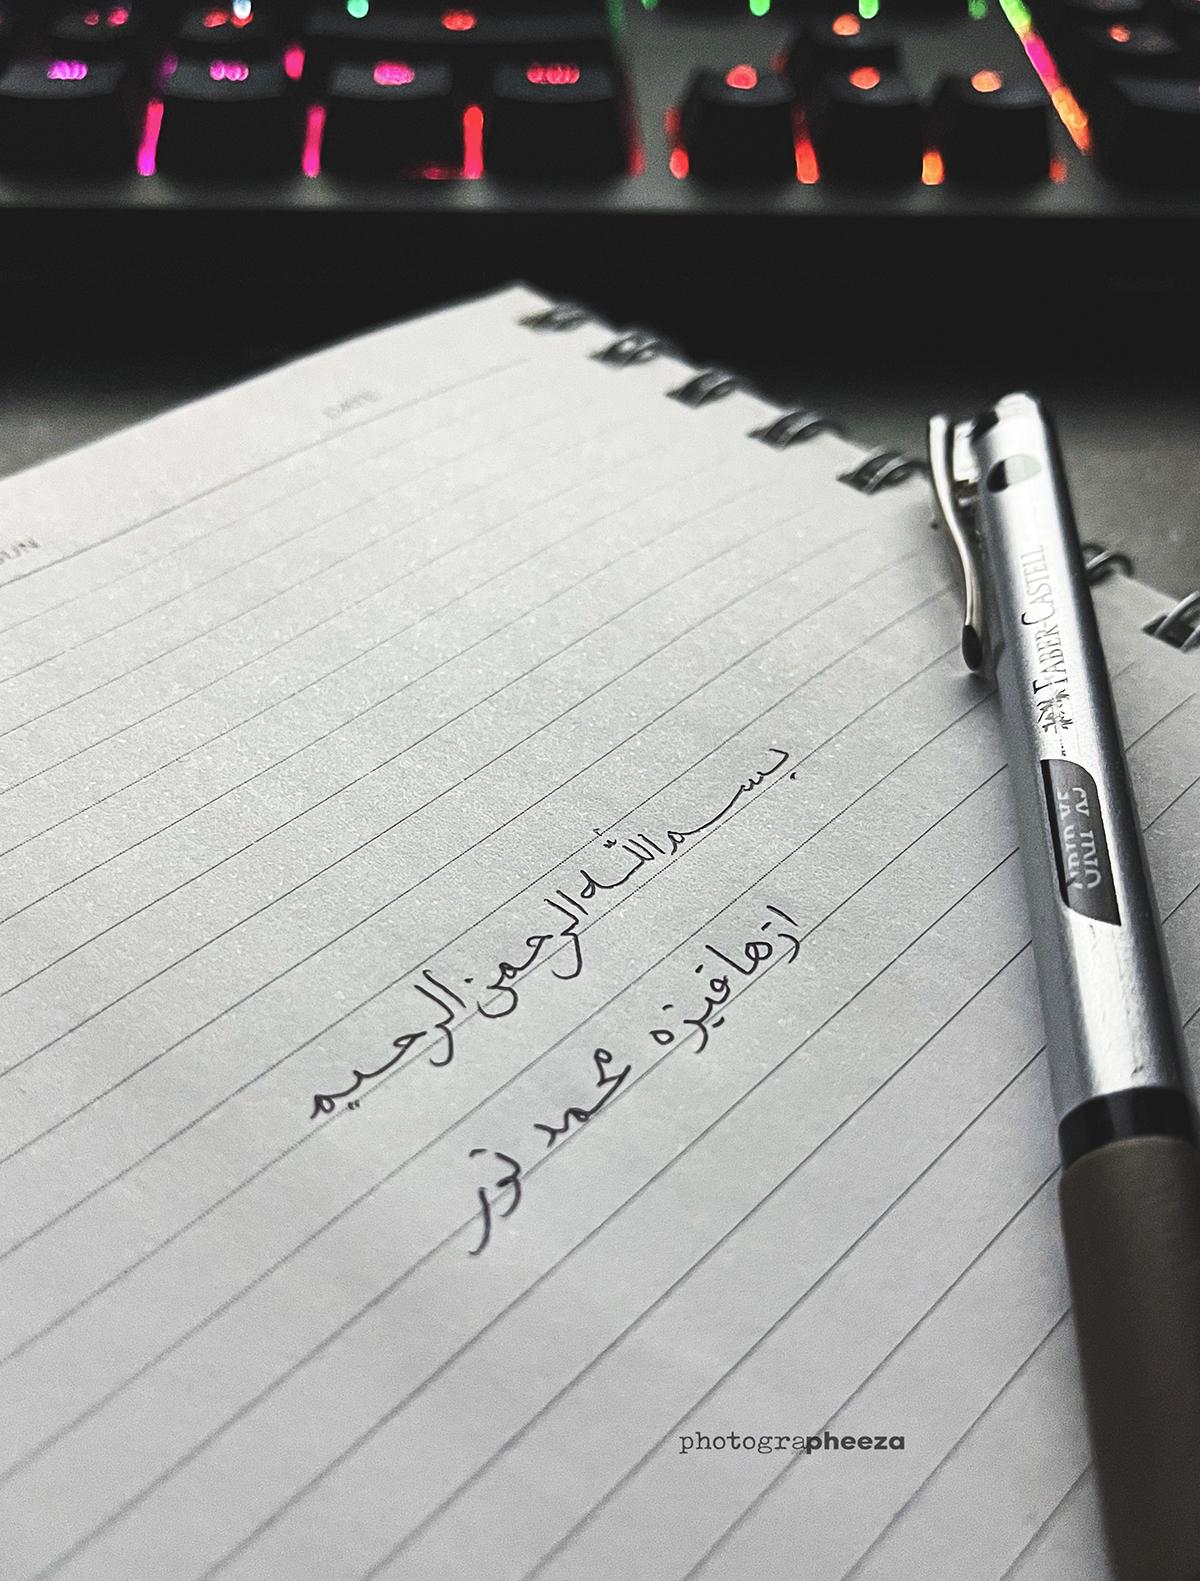 Penggunaan Perkataan Bahasa Arab (Jawi serta Rumi ) Dan Maksudnya Dalam Kehidupan Seharian